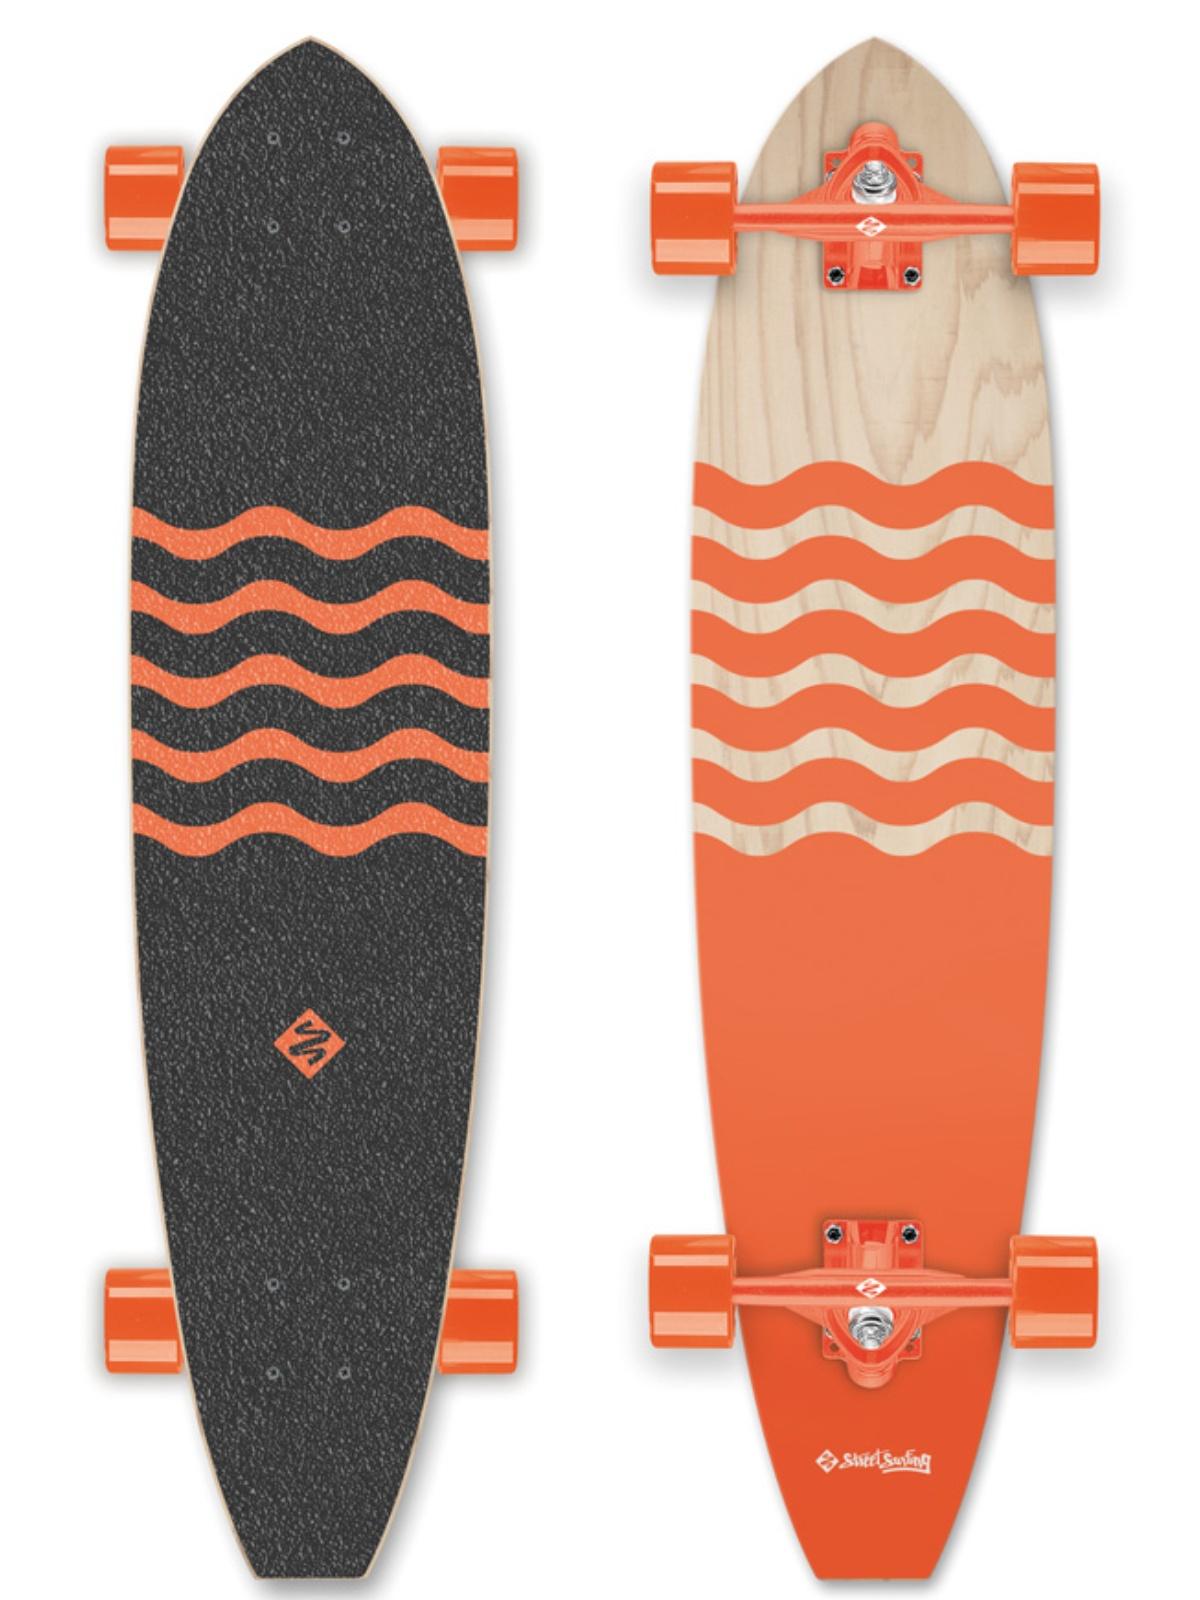 Longboard STREET SURFING Cut Kicktail 36 Blown Out